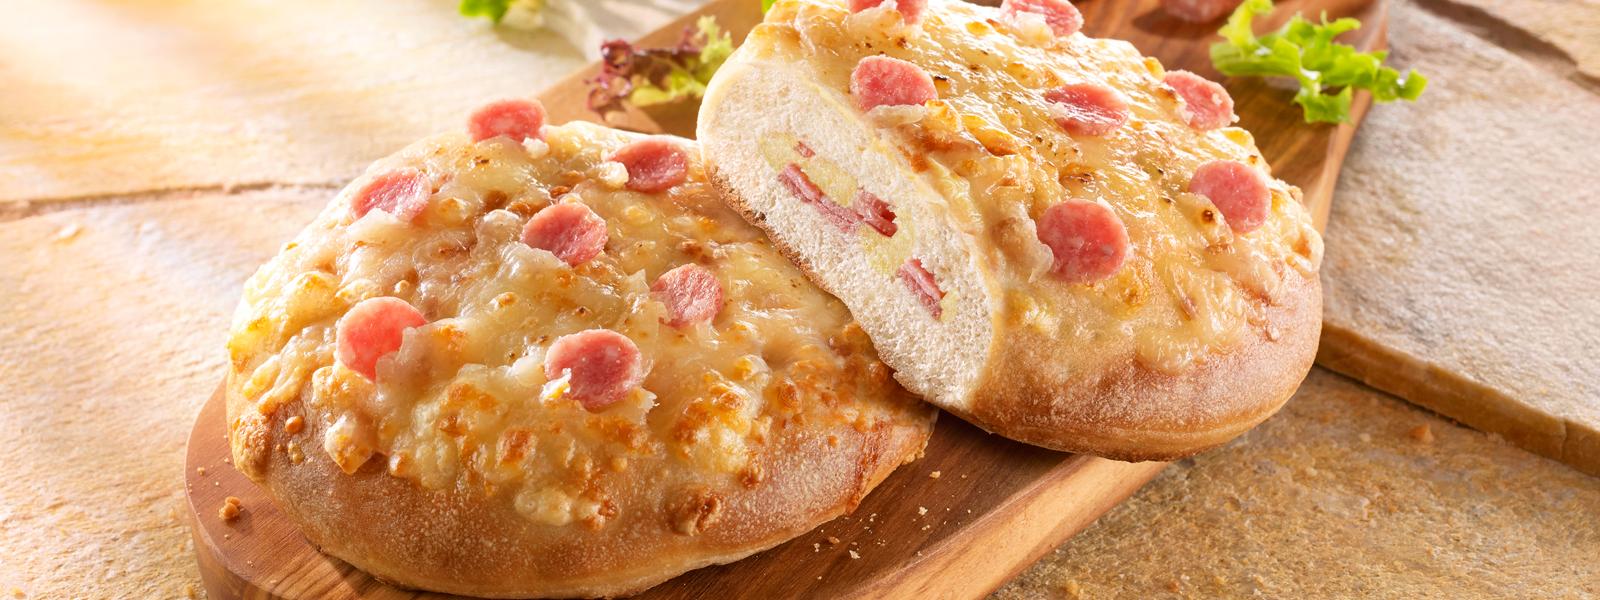 Brötchentasche Salami